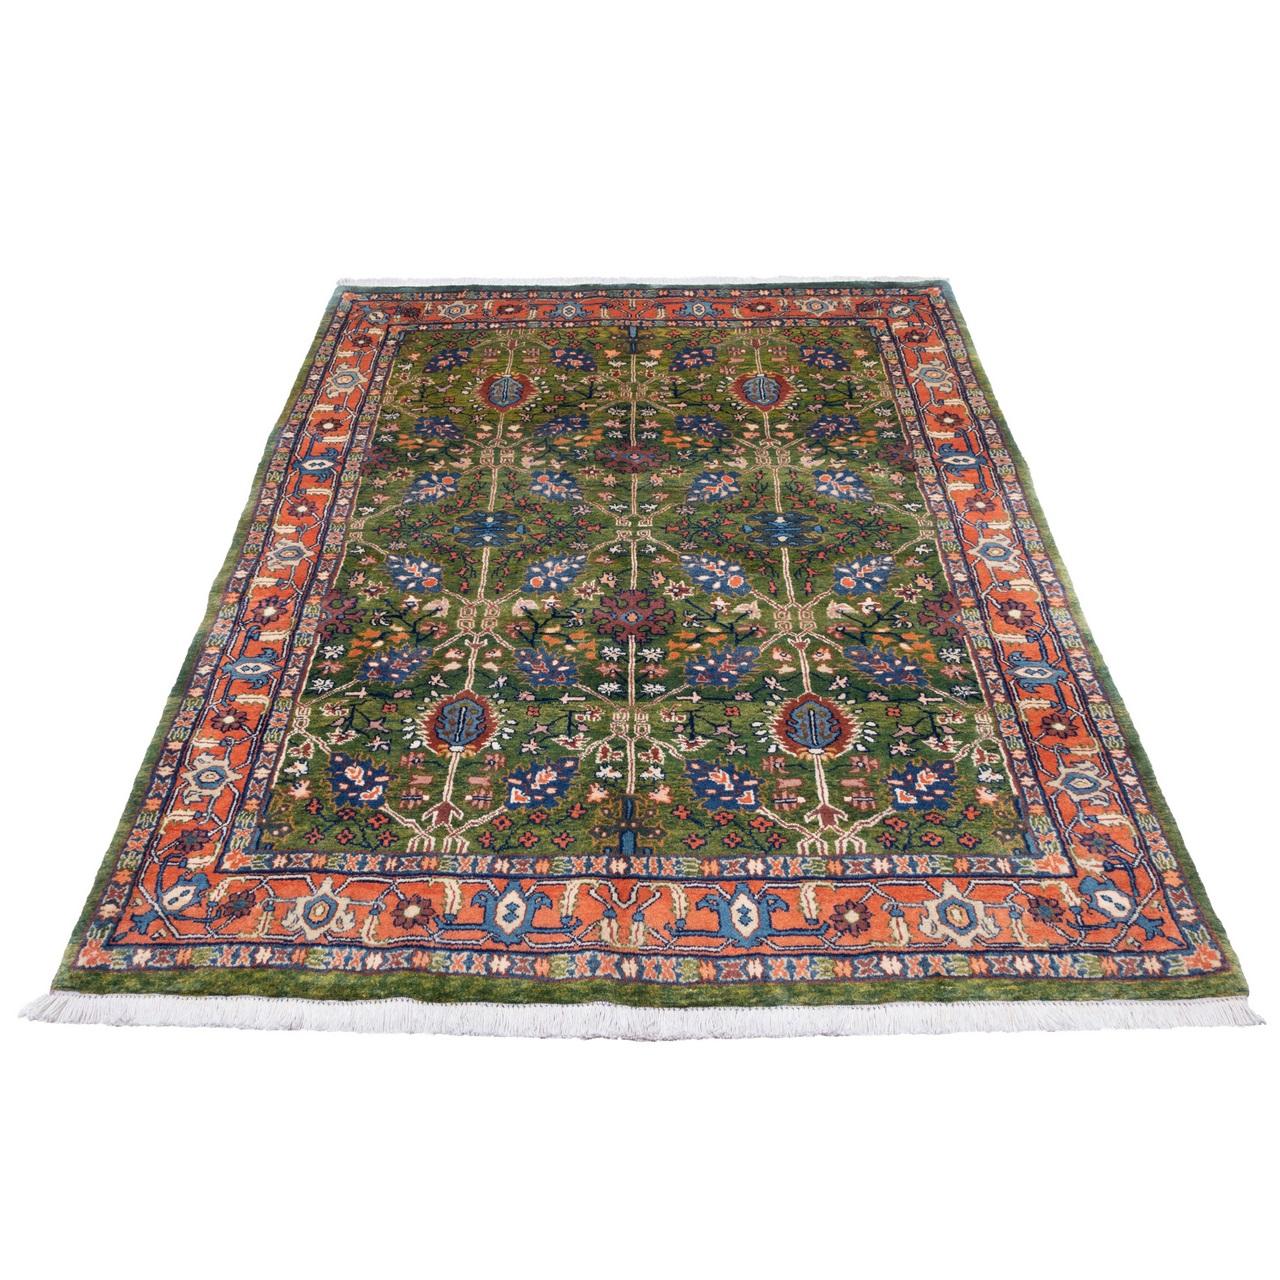 فرش دستباف سه متری سی پرشیا کد 171429